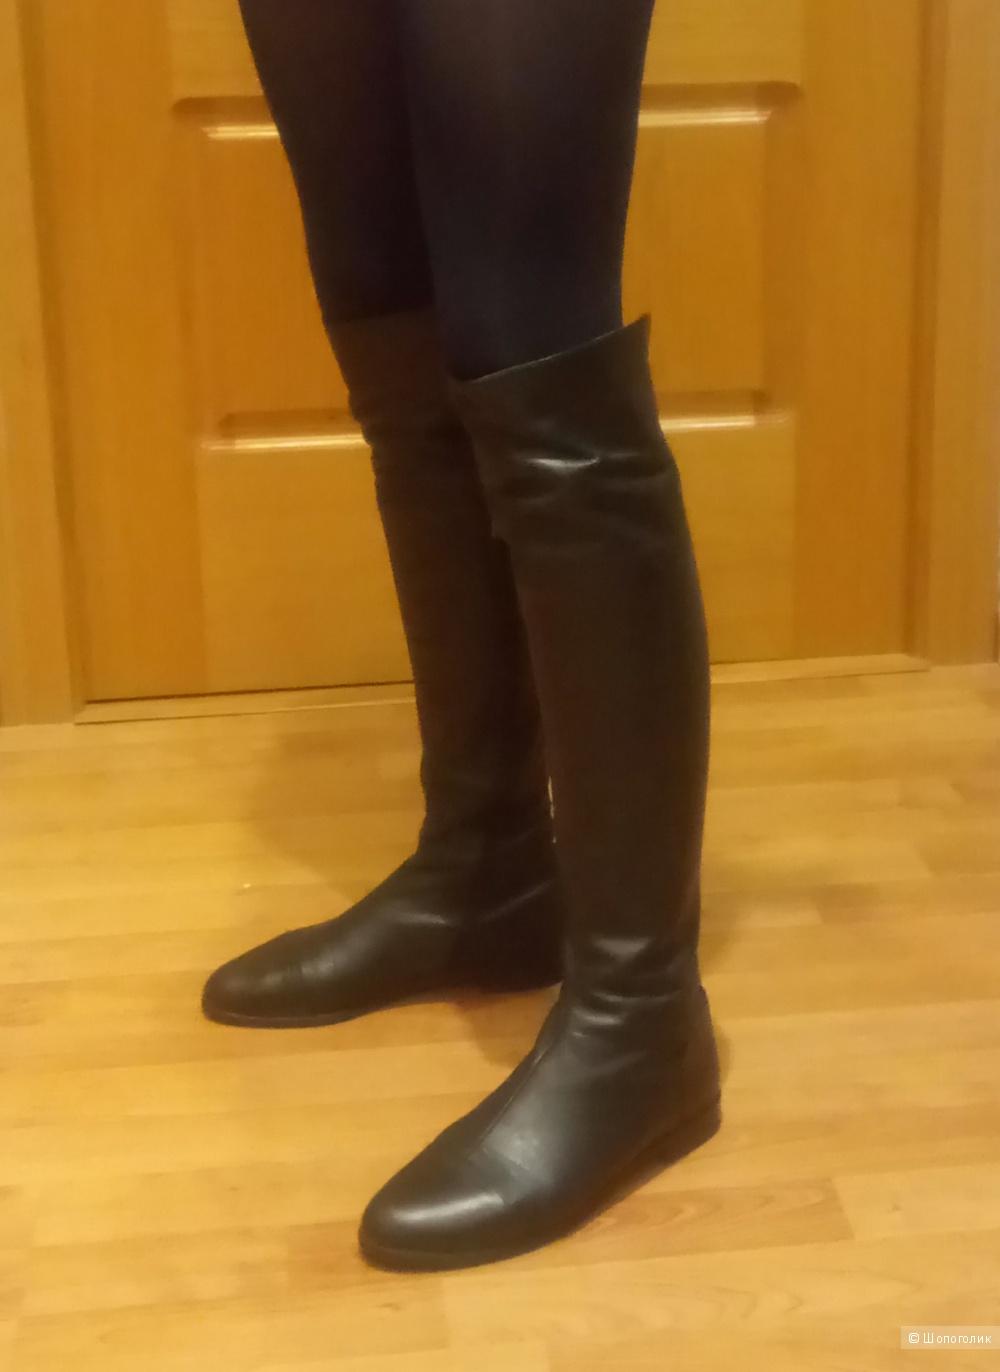 Кожаные сапоги, размер 38